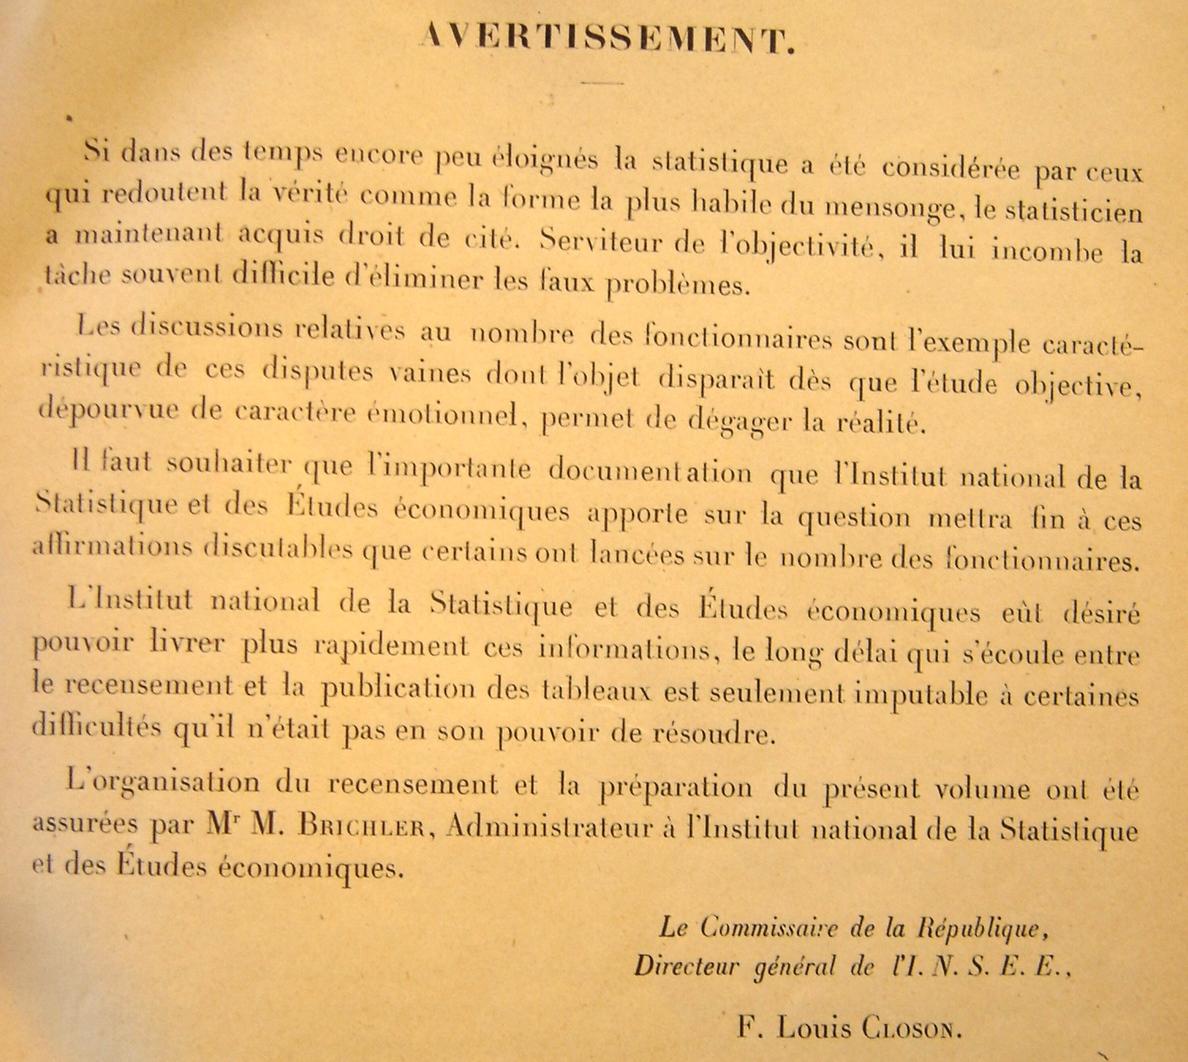 Source : Recensement général des agents des services publics, Paris, Imprimerie nationale & PUF, 1949.